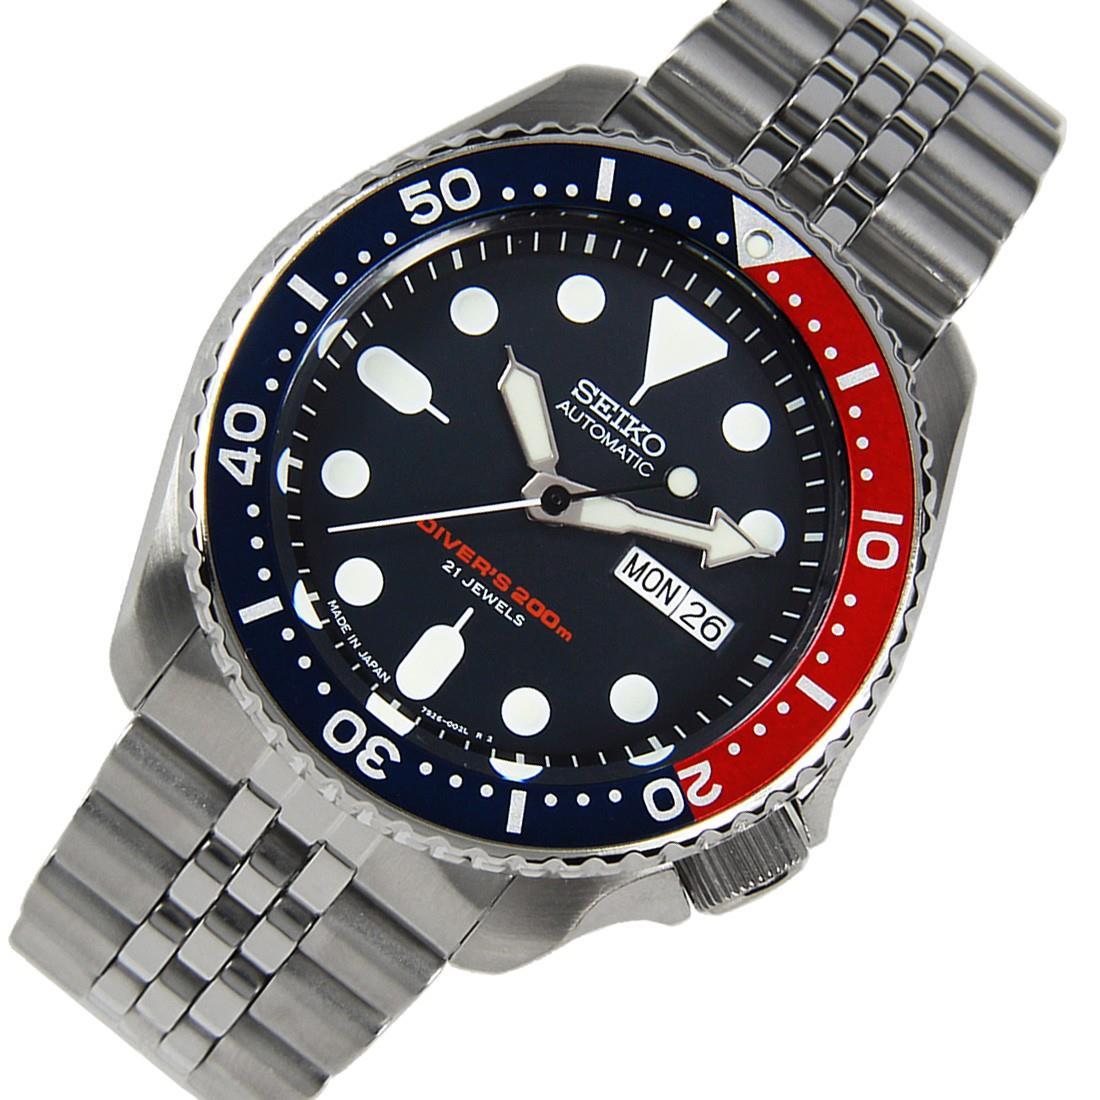 TOP-SELLING-Seiko-SKX009-SKX009J1-SKX009J2-SKX009K1-SKX009K2-Pepsi-Dive-Watch thumbnail 17